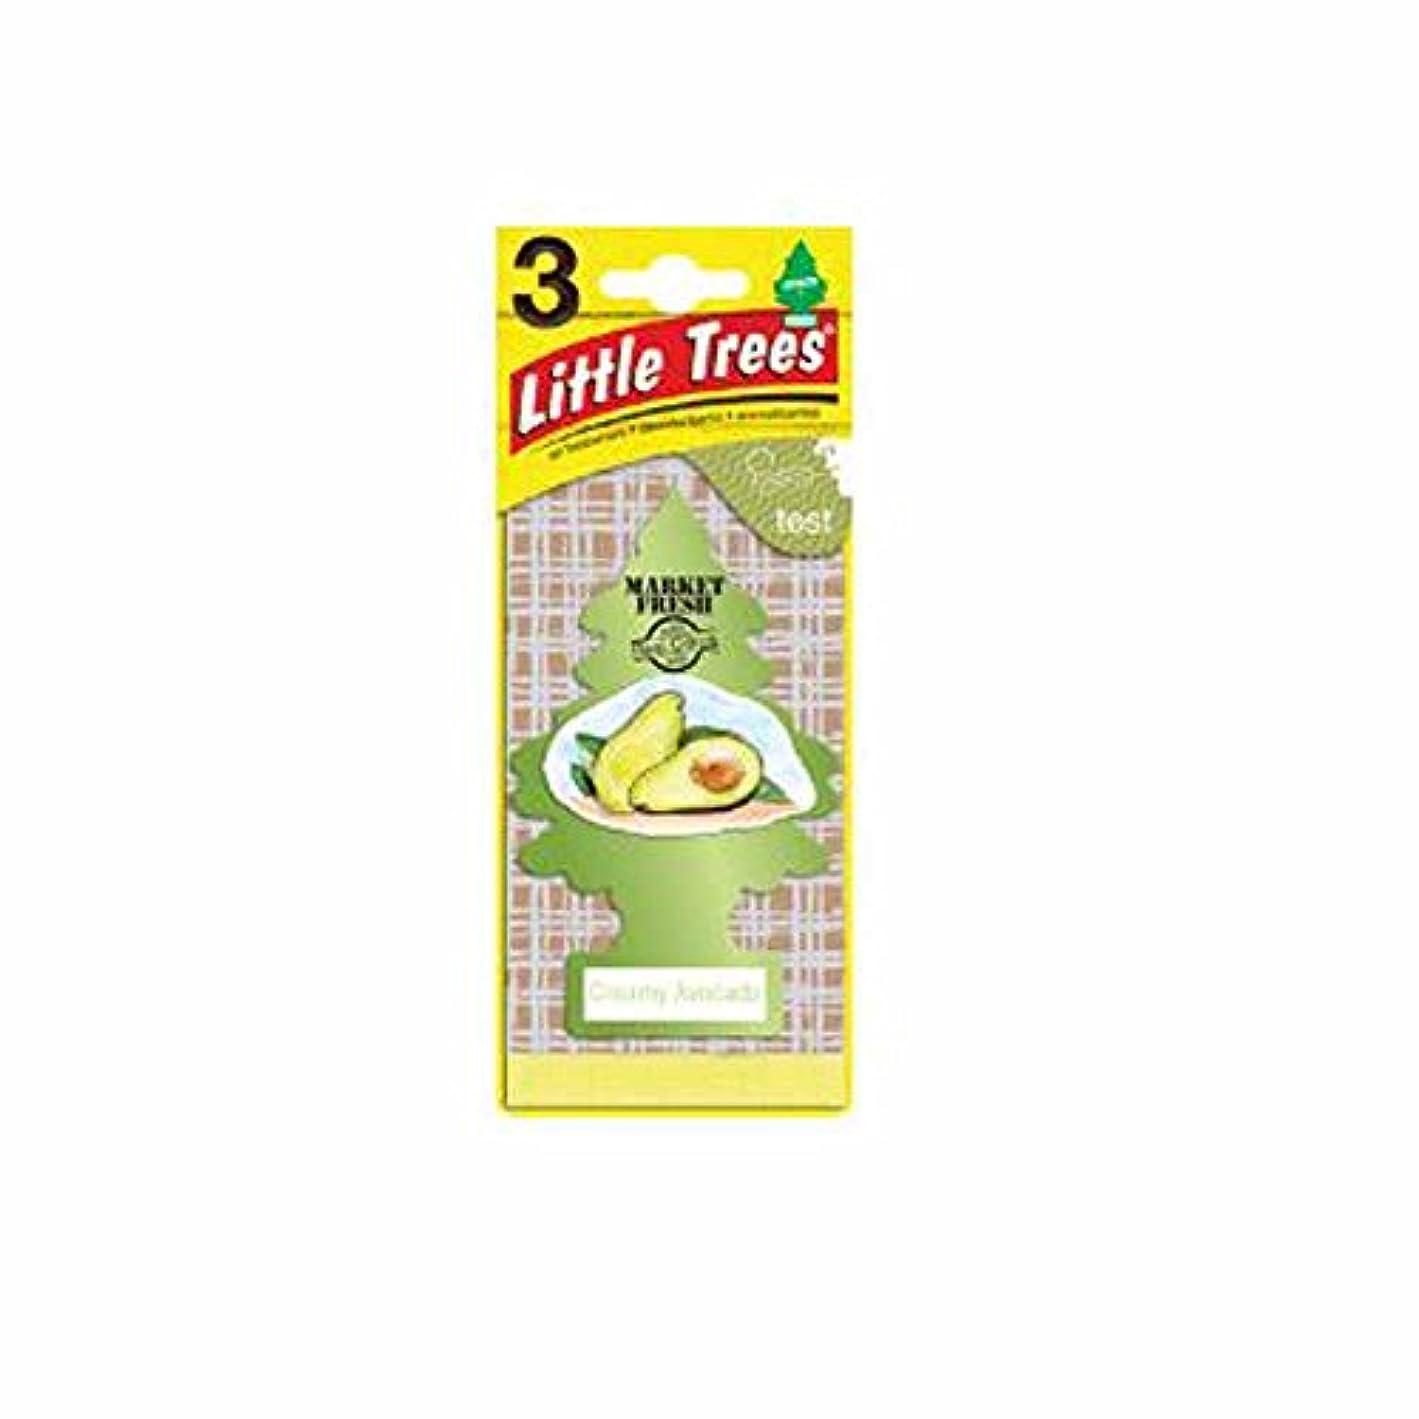 冷笑するスプリット警告するLittle Trees 吊下げタイプ エアーフレッシュナー creamy avocado(クリーミーアボカド) 3枚セット(3P) U3S-37340